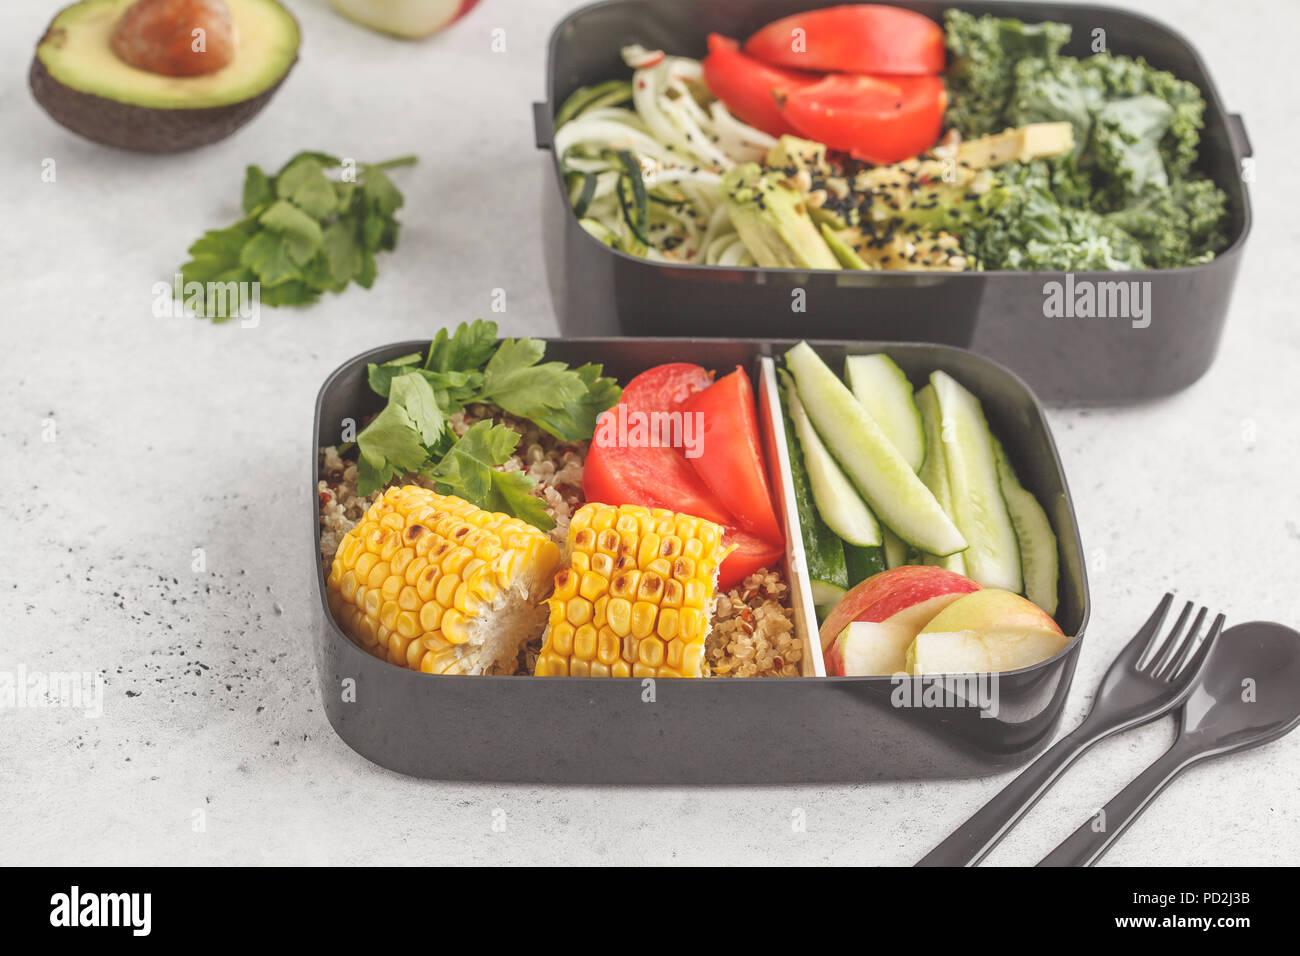 Gesunde Mahlzeit prep Container mit Quinoa, Avocado, Mais, Zucchini Nudeln und Kale. Essen zum Mitnehmen. Weißer Hintergrund, Ansicht von oben. Stockbild